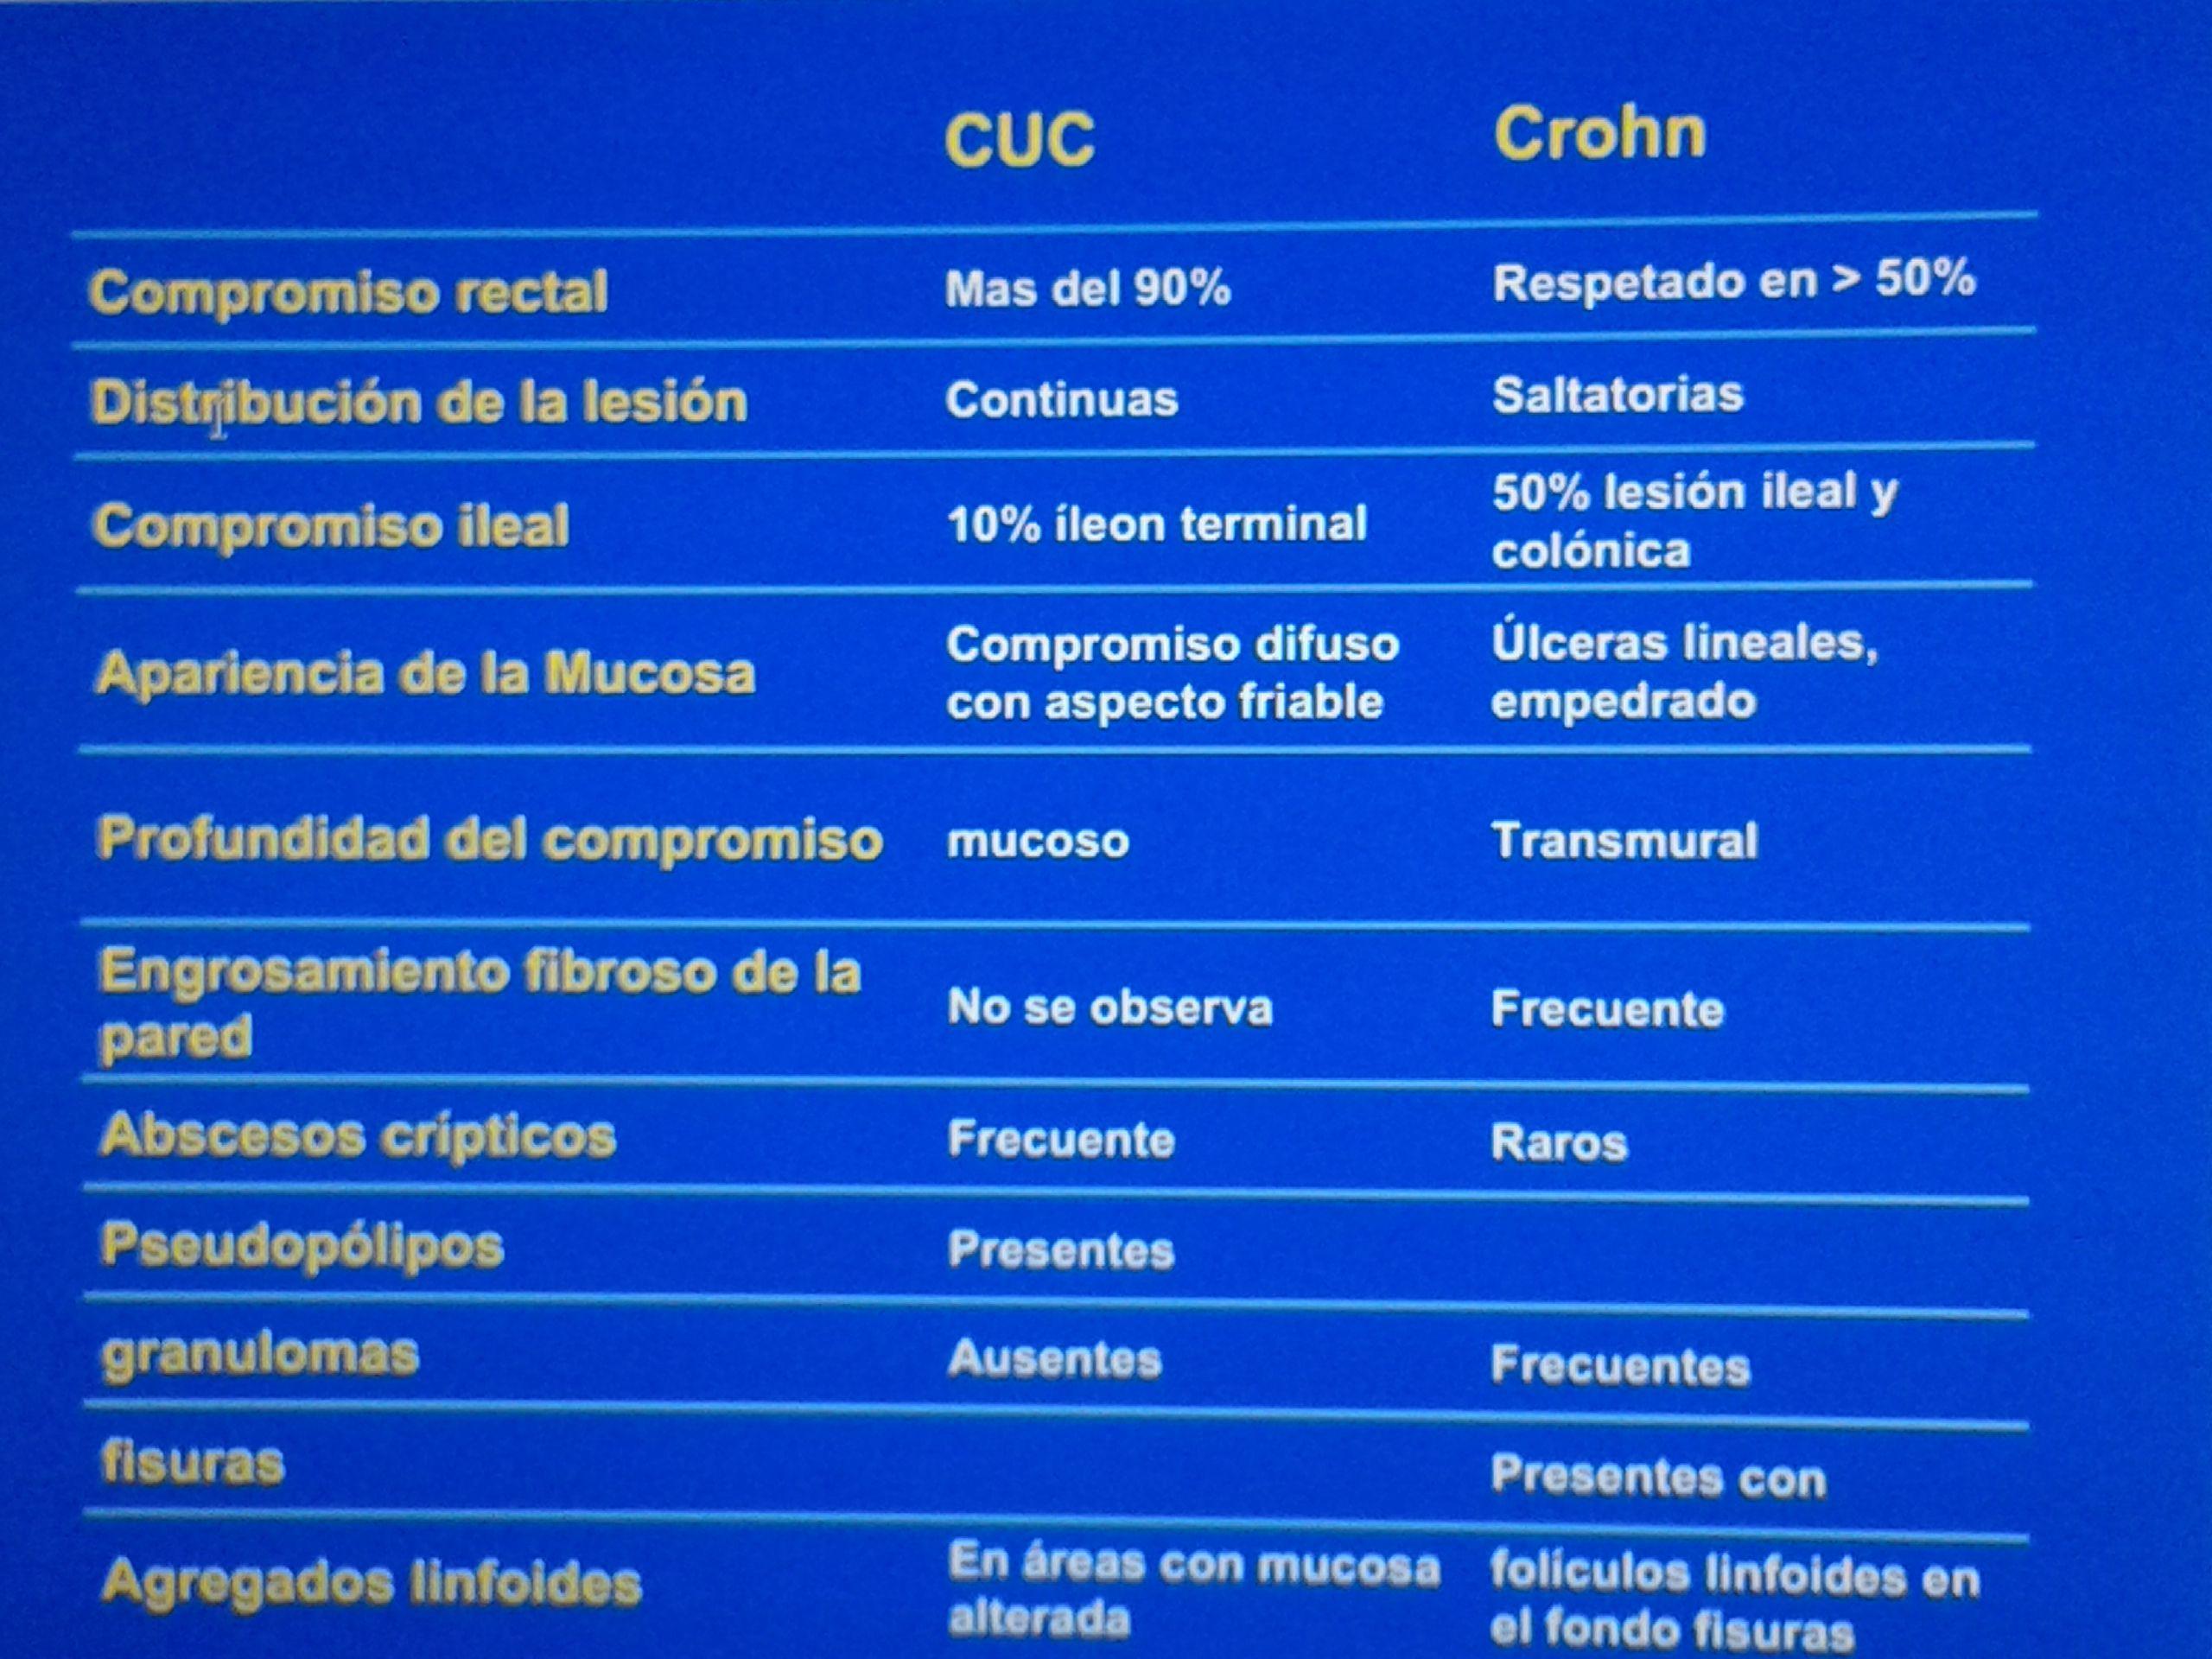 Diferencias Entre Enfermedad De Crohn Y Colitis Ulcerativa Enfermedad De Crohn Enfermedad Enfermedad Inflamatoria Intestinal